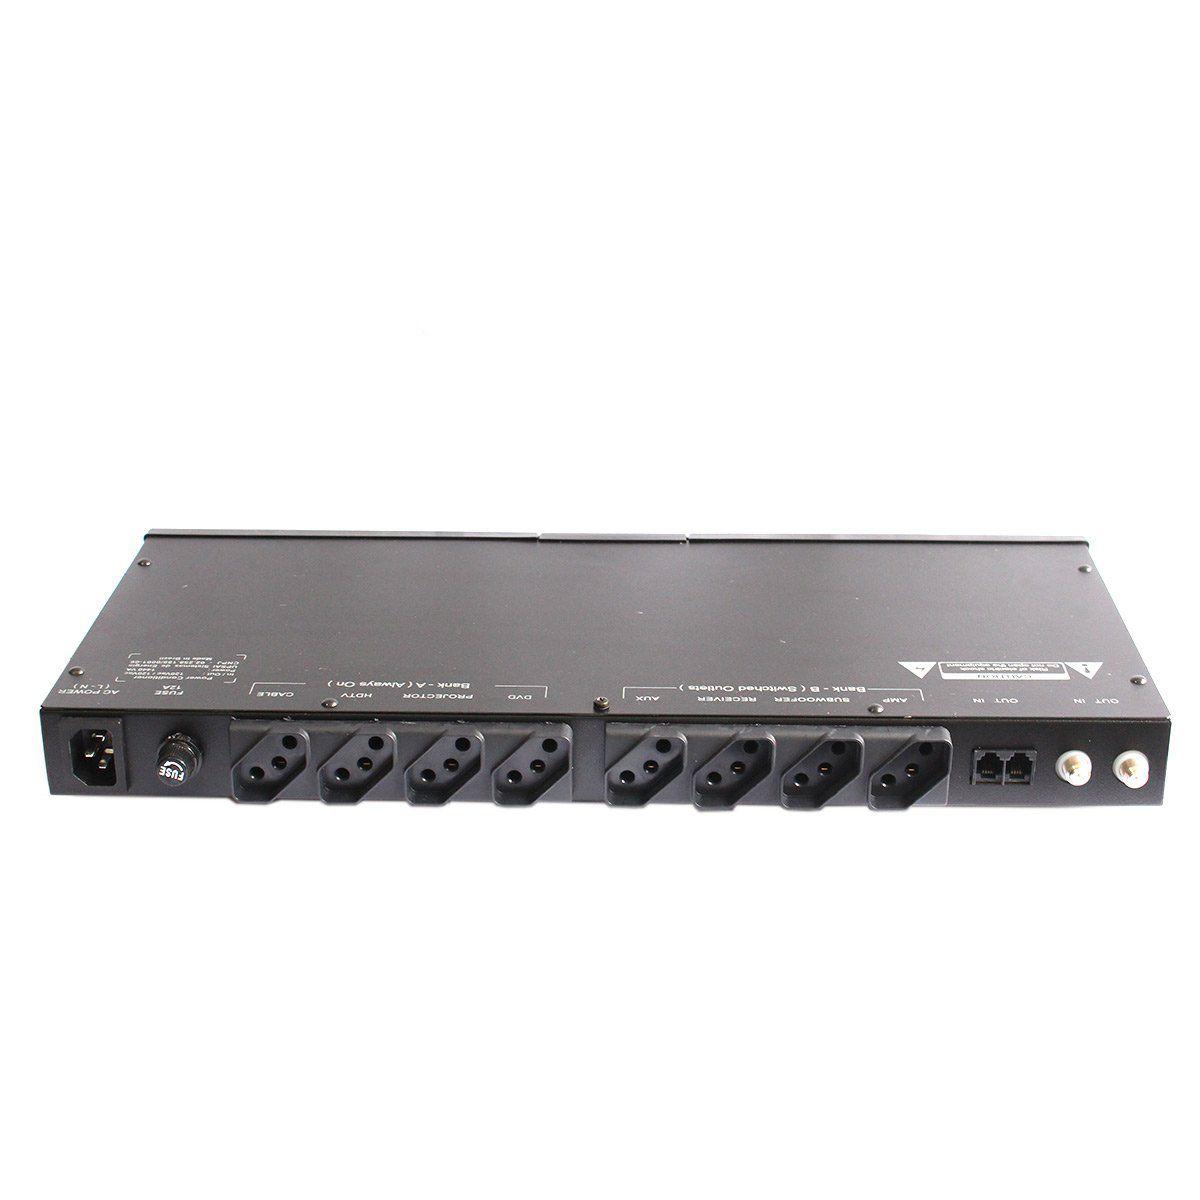 Condicionador de Energia 1440VA - ACF 1700 S Upsai 110V